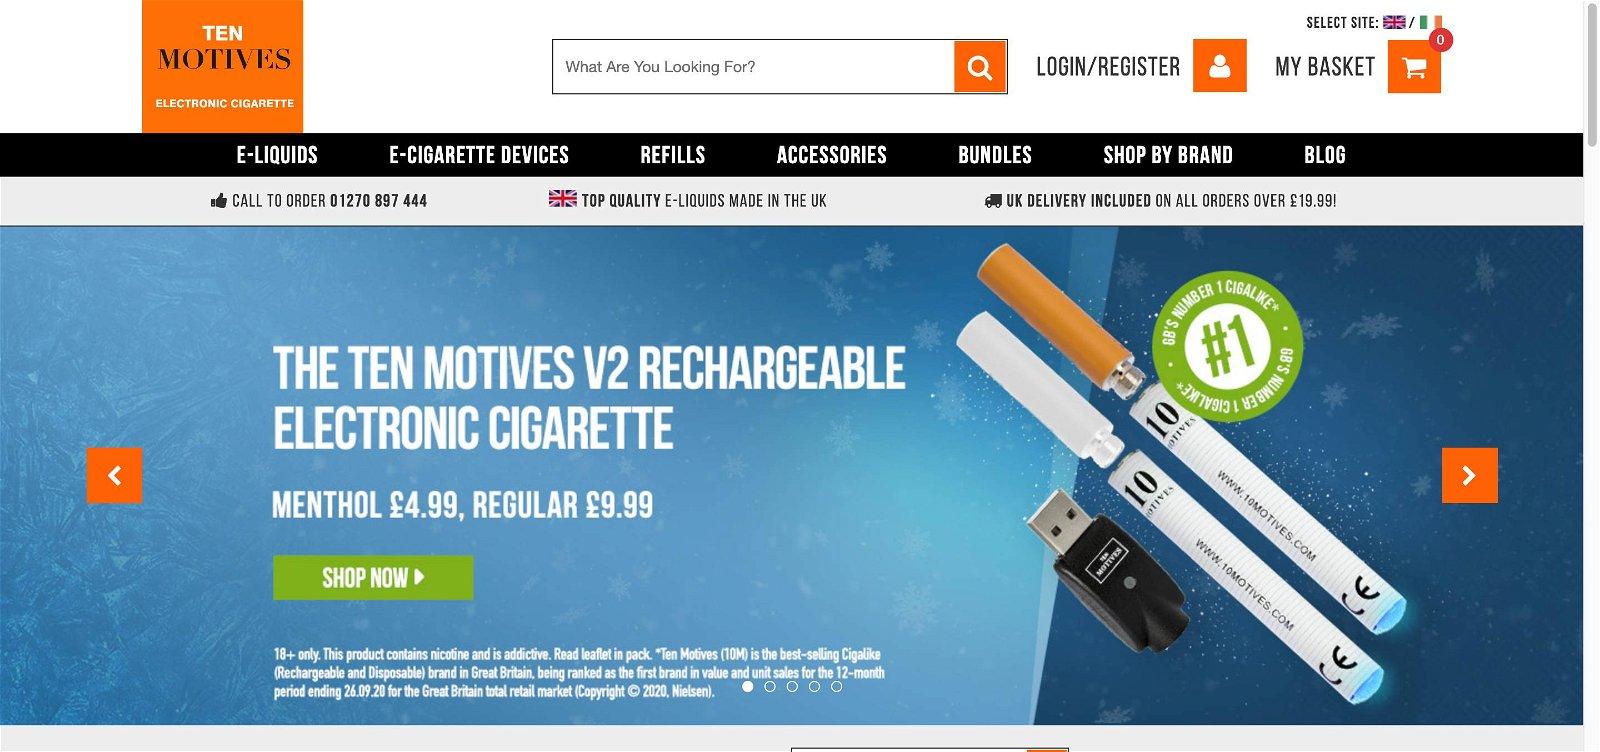 10motives.com 1